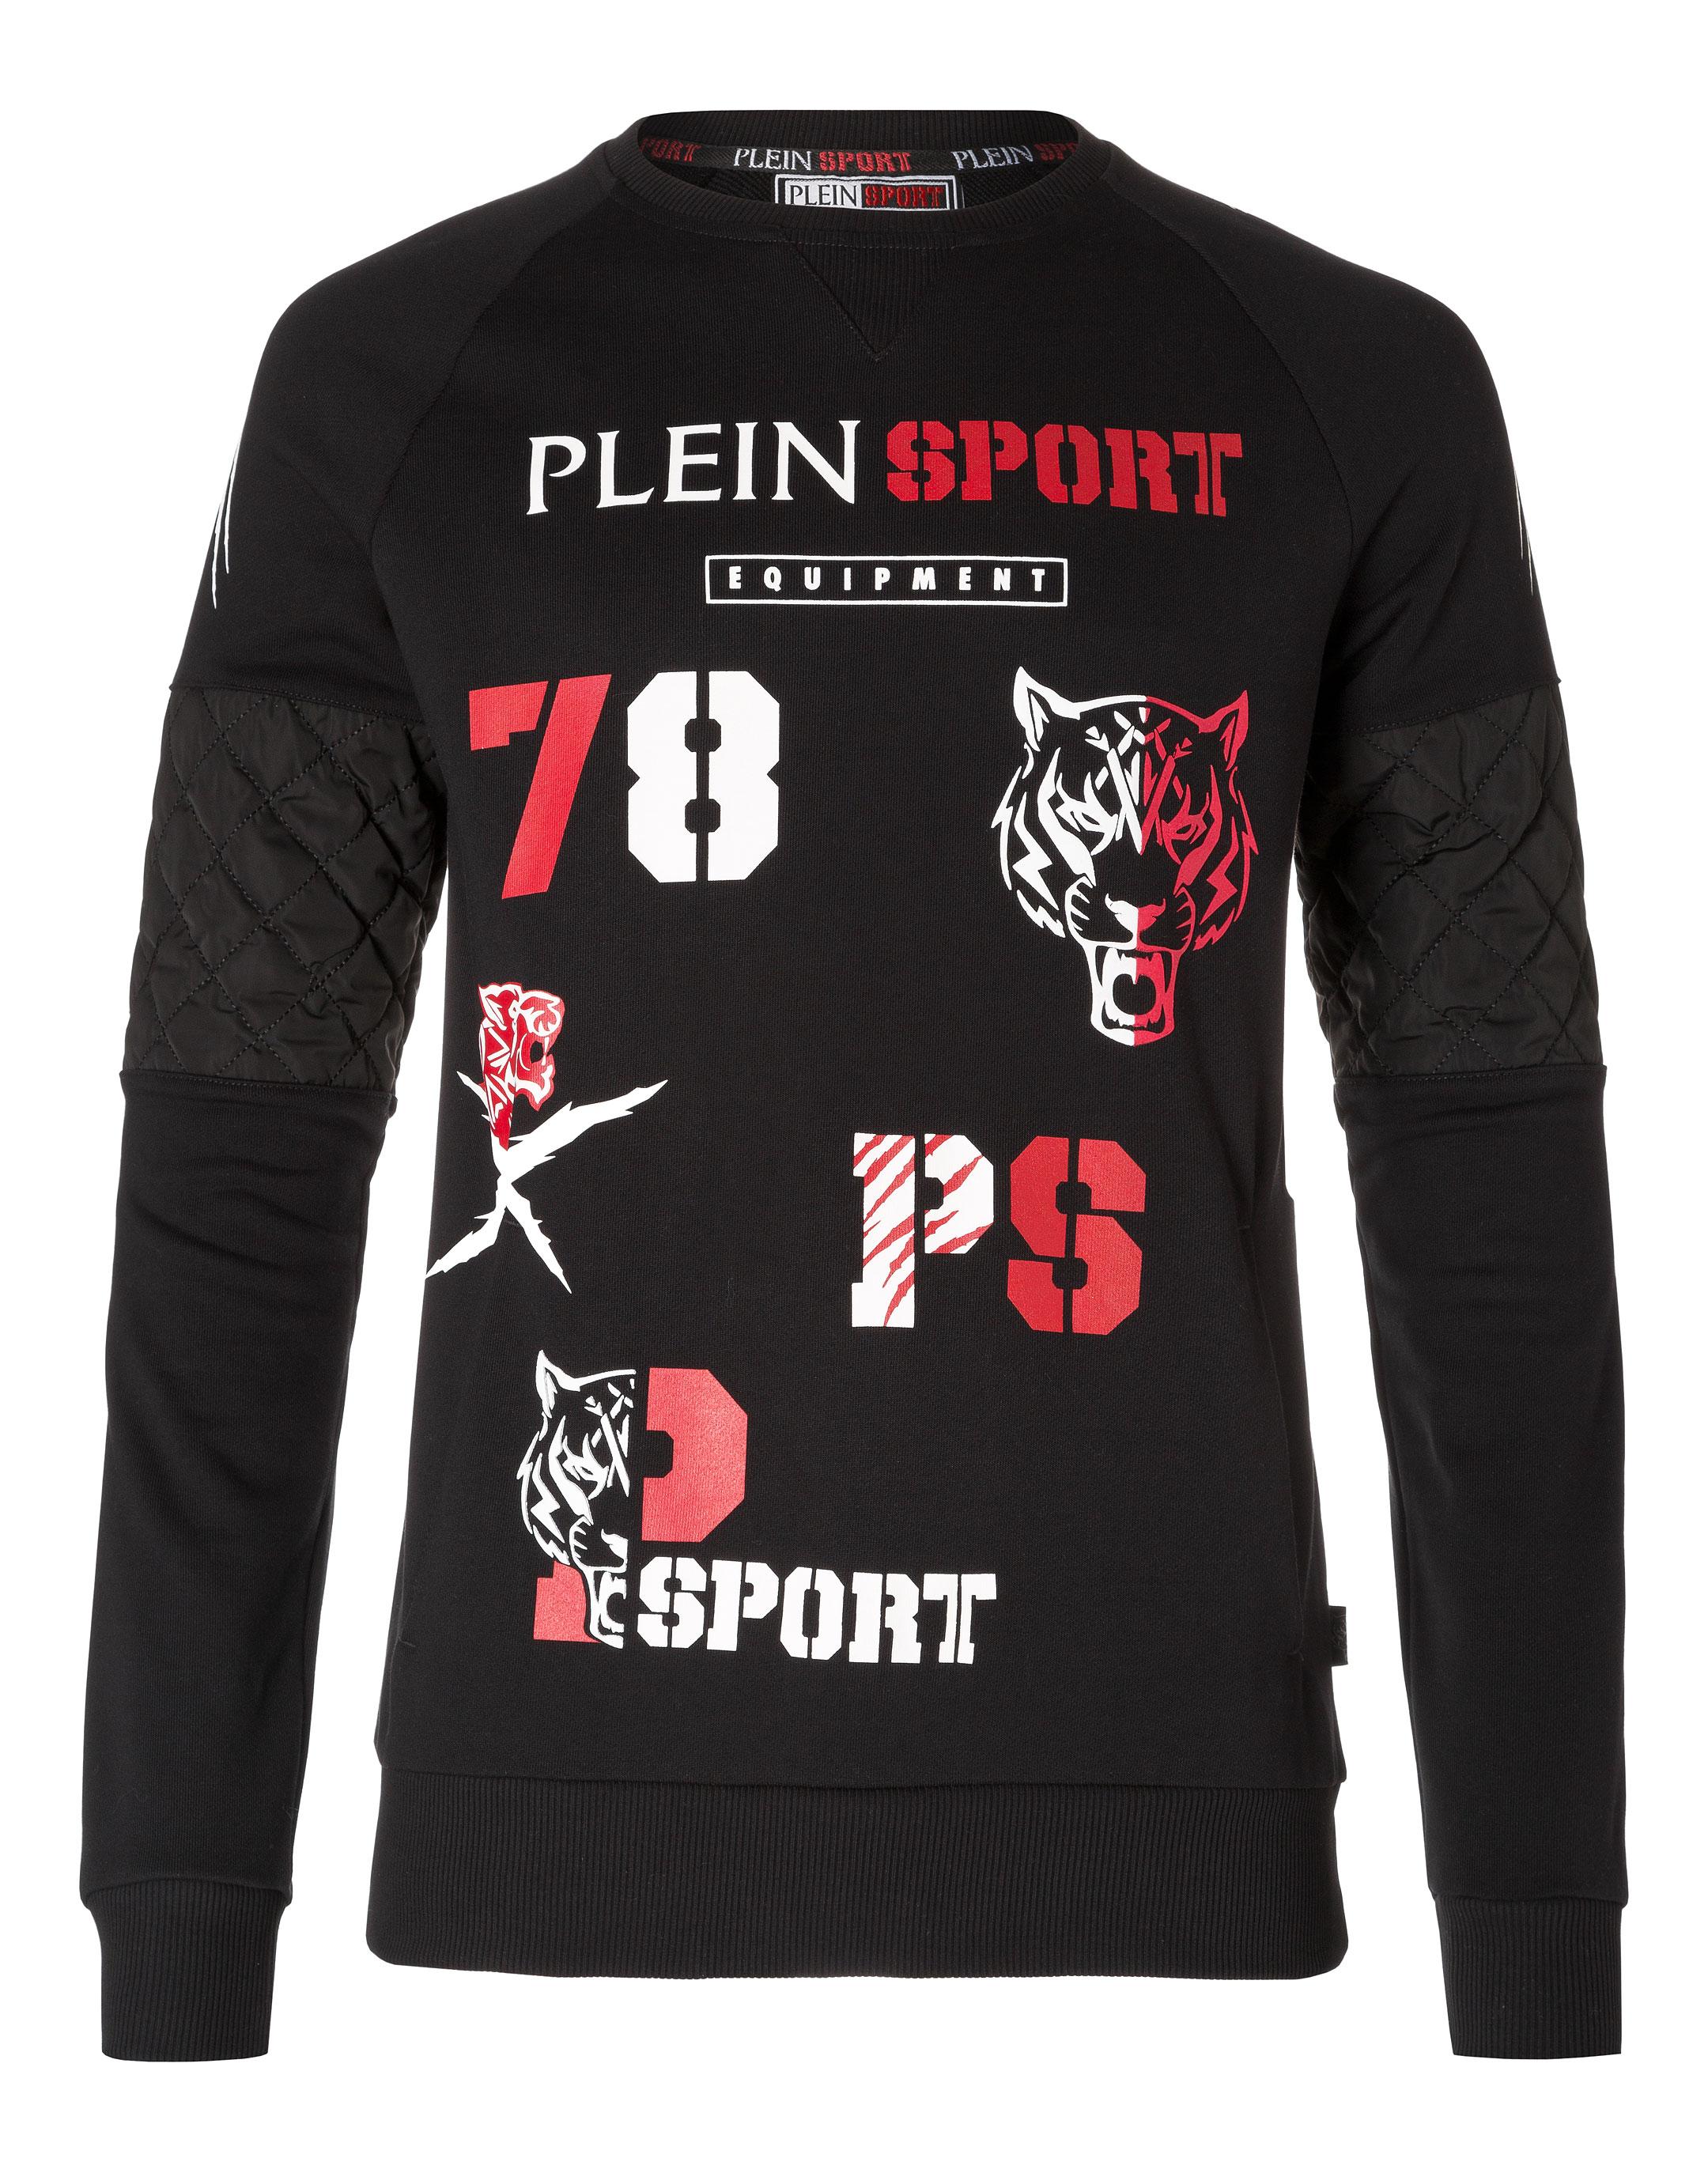 PLEIN SPORT. Sweatshirt LS